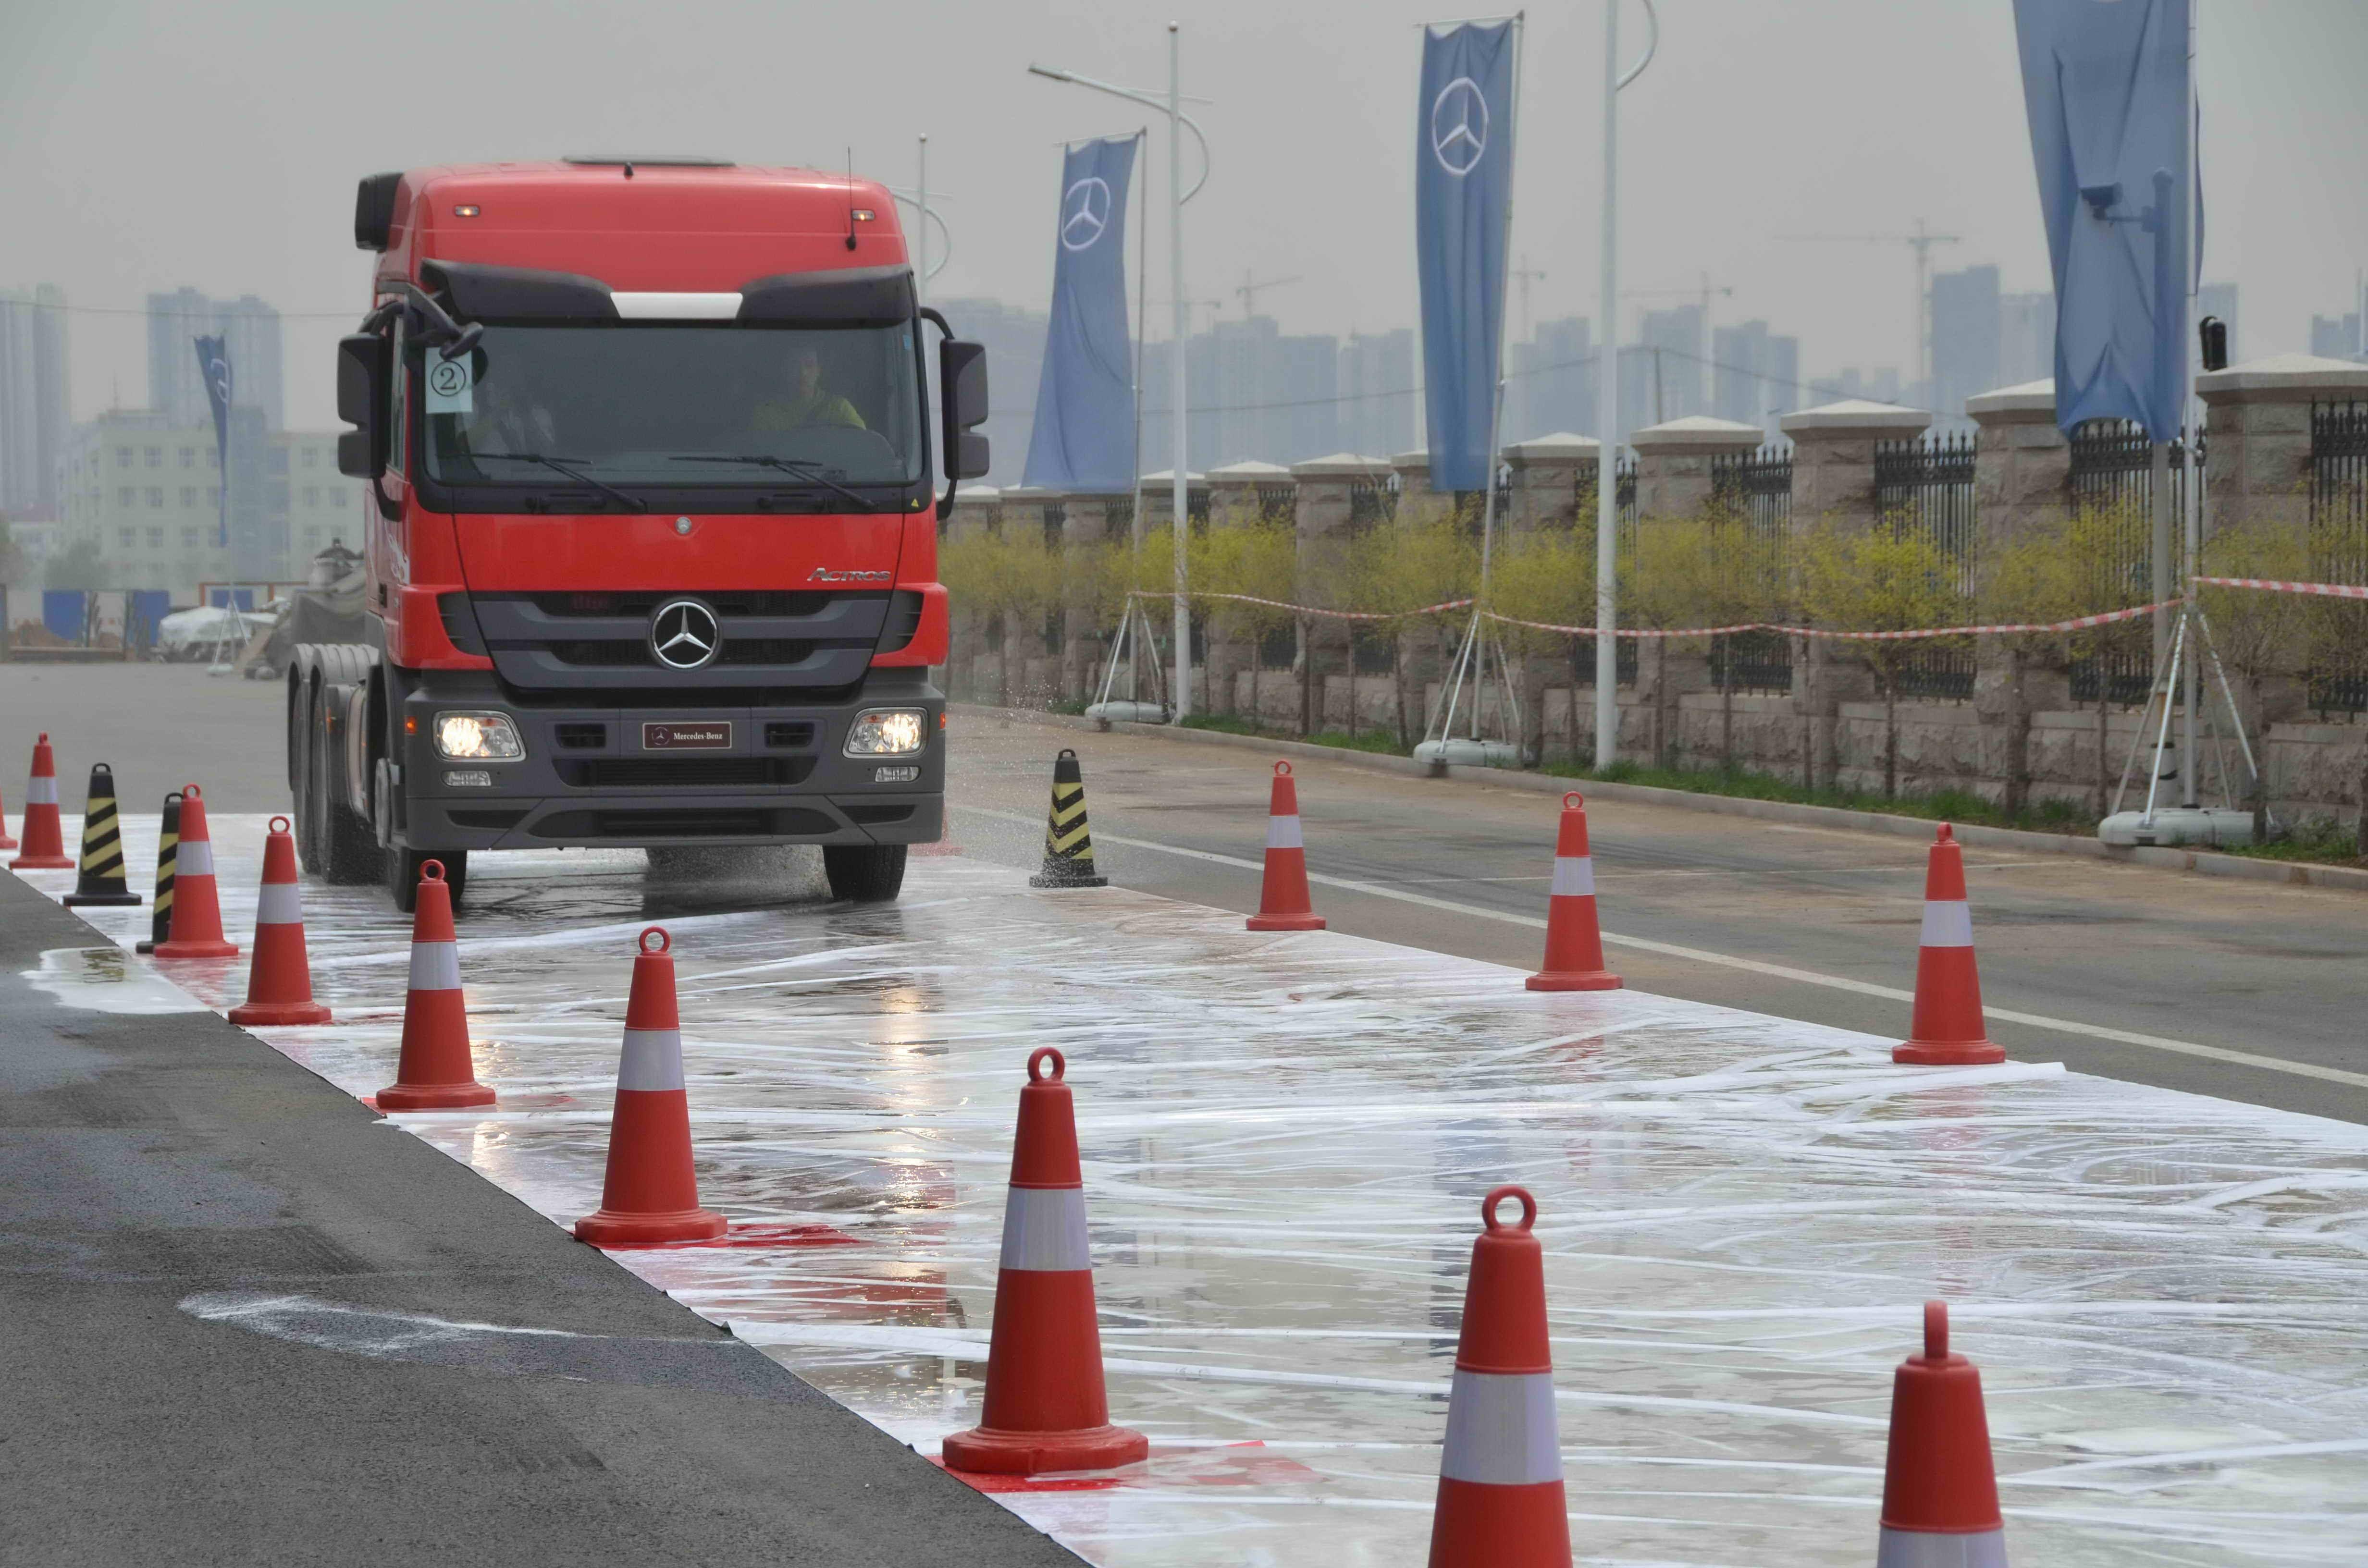 学员进行冰雪路面驾驶培训 梅赛德斯 奔驰在华启动卡车驾高清图片